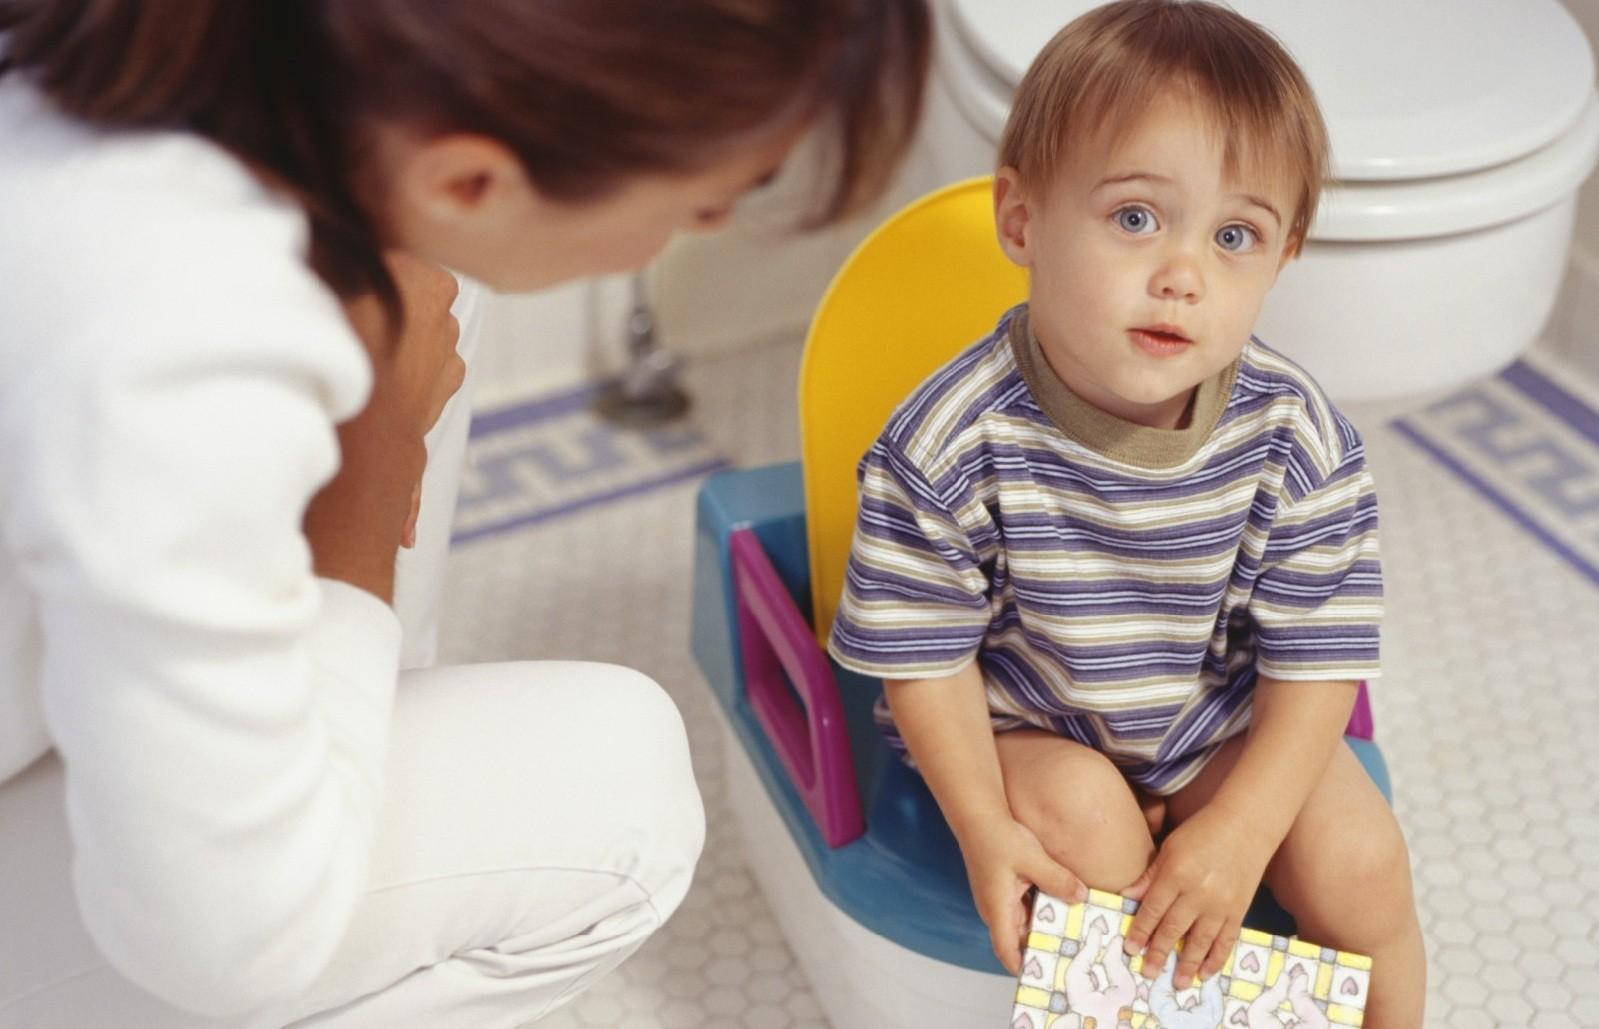 Ребенку больно писать, что делать? Советы врача